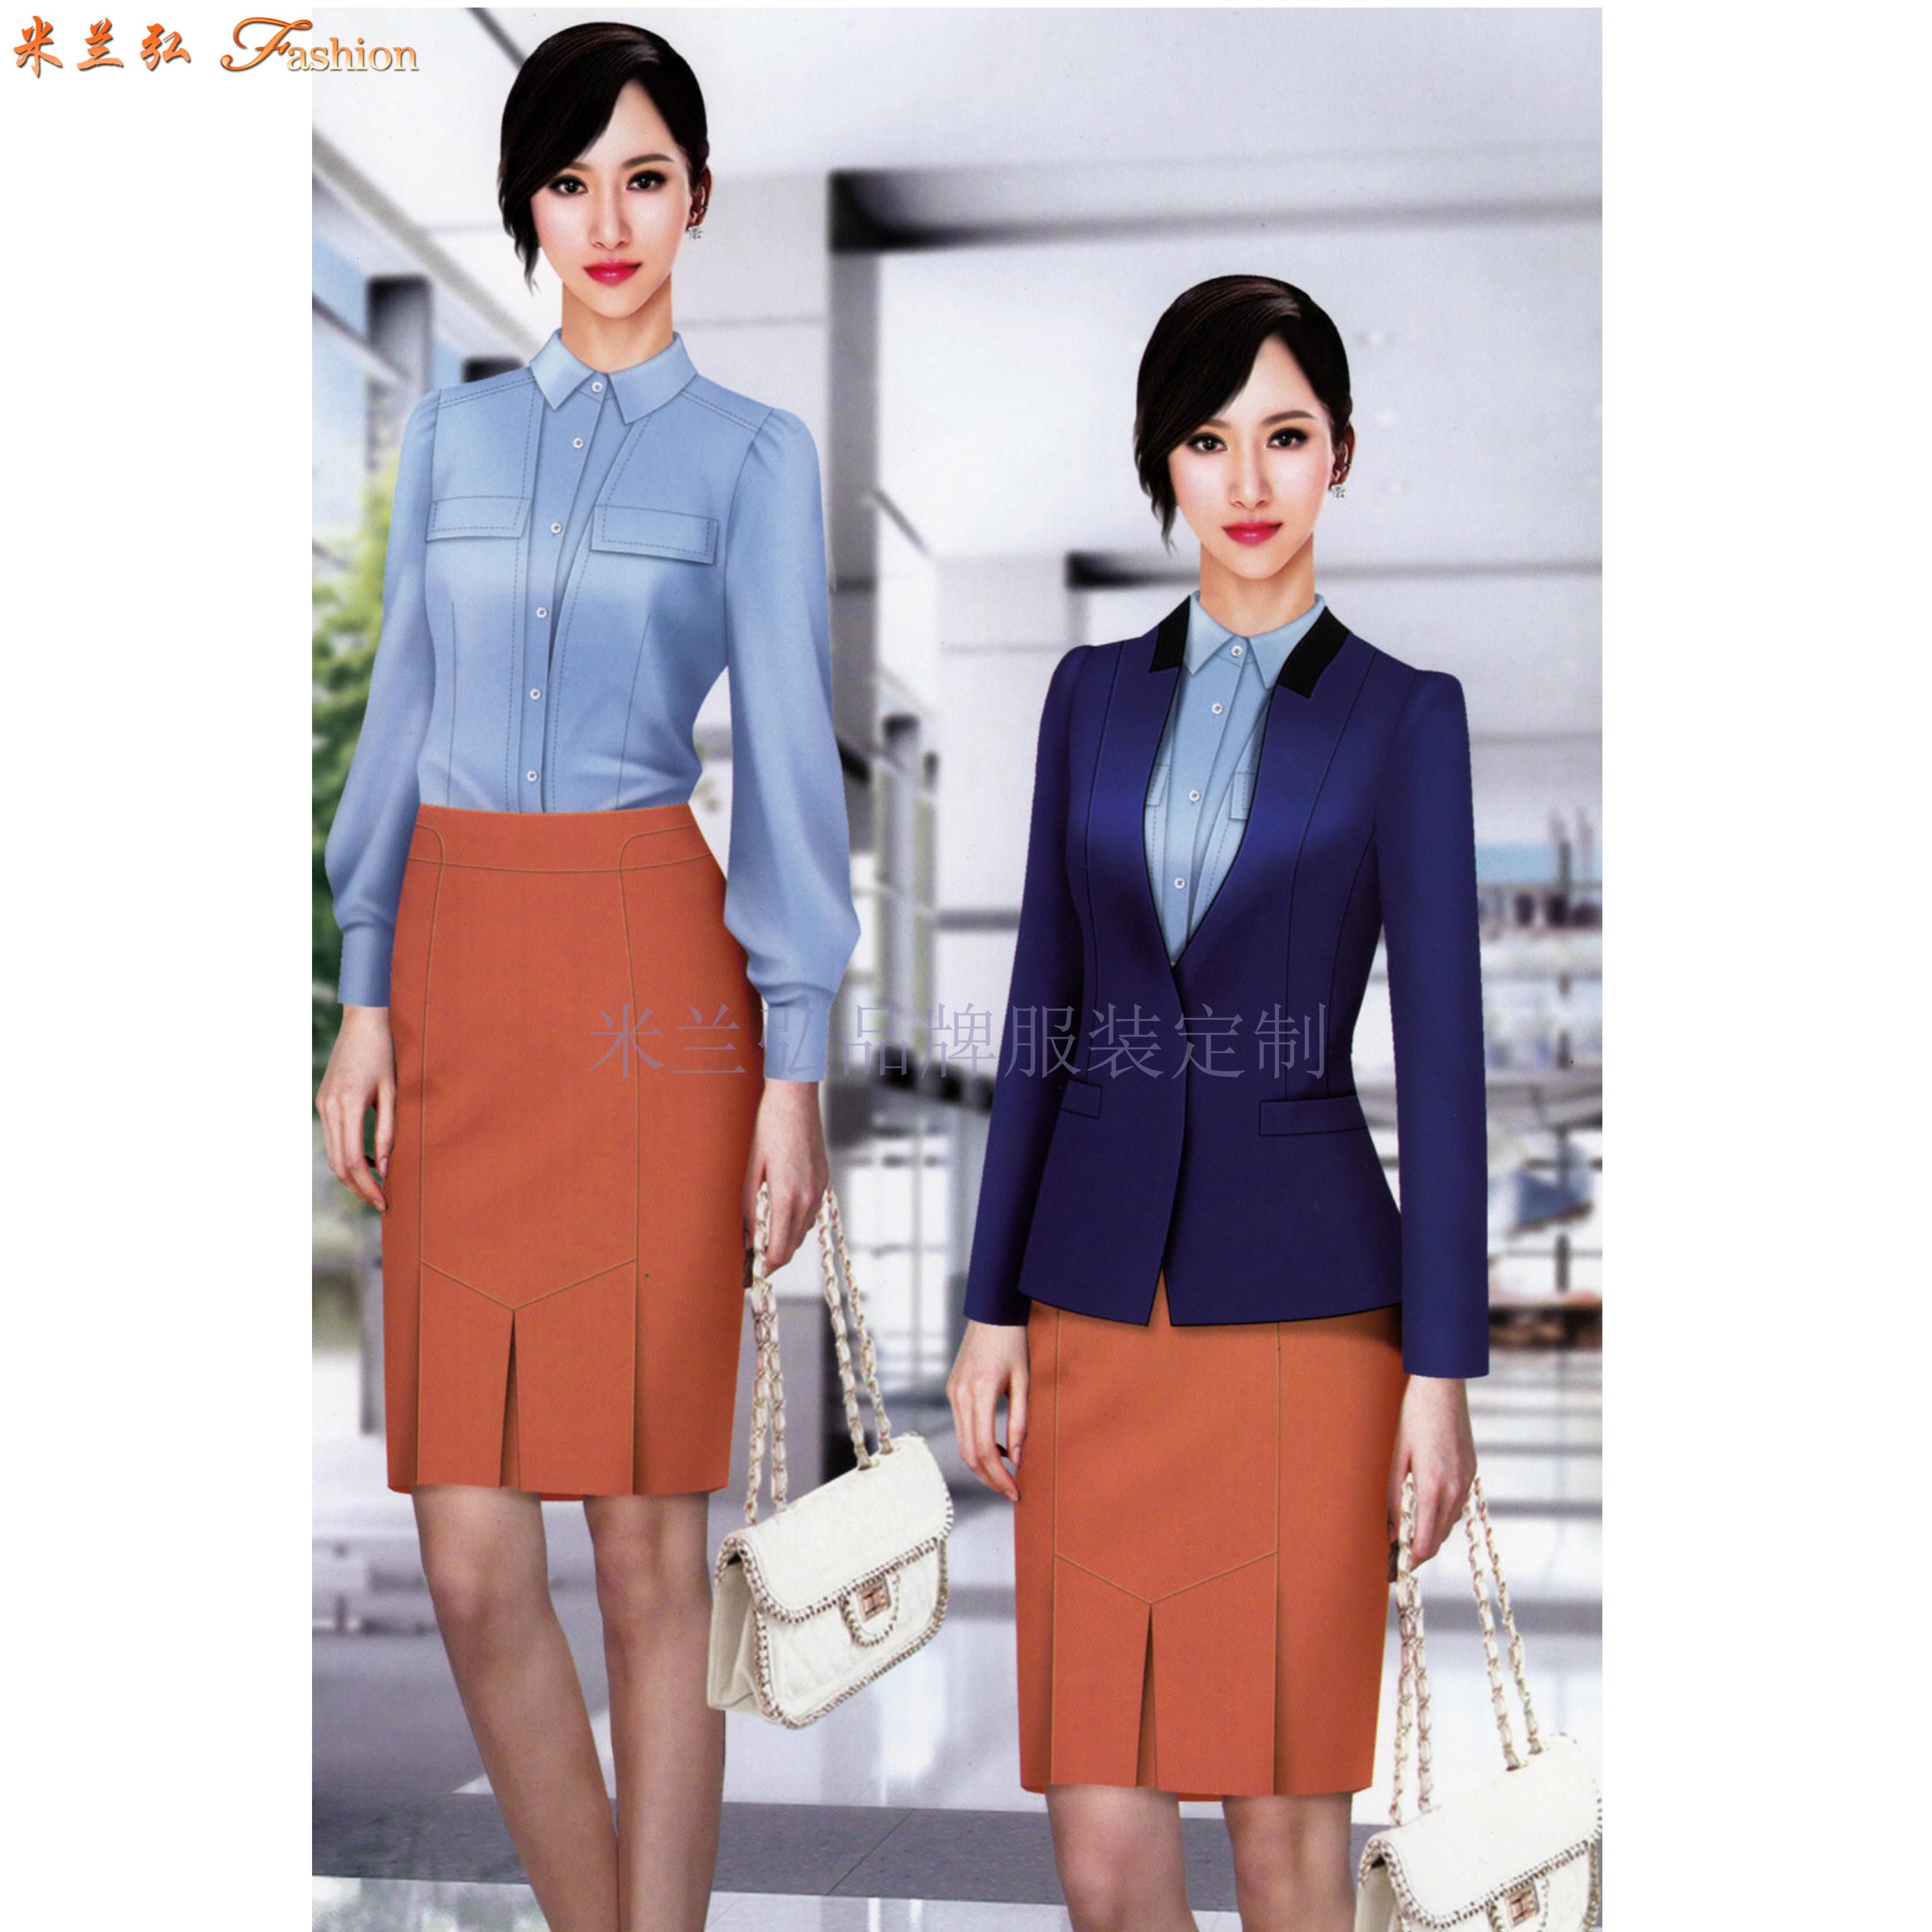 北京女士職業裝定制及北京時尚職業裝定做_北京通勤職業裝訂制-3